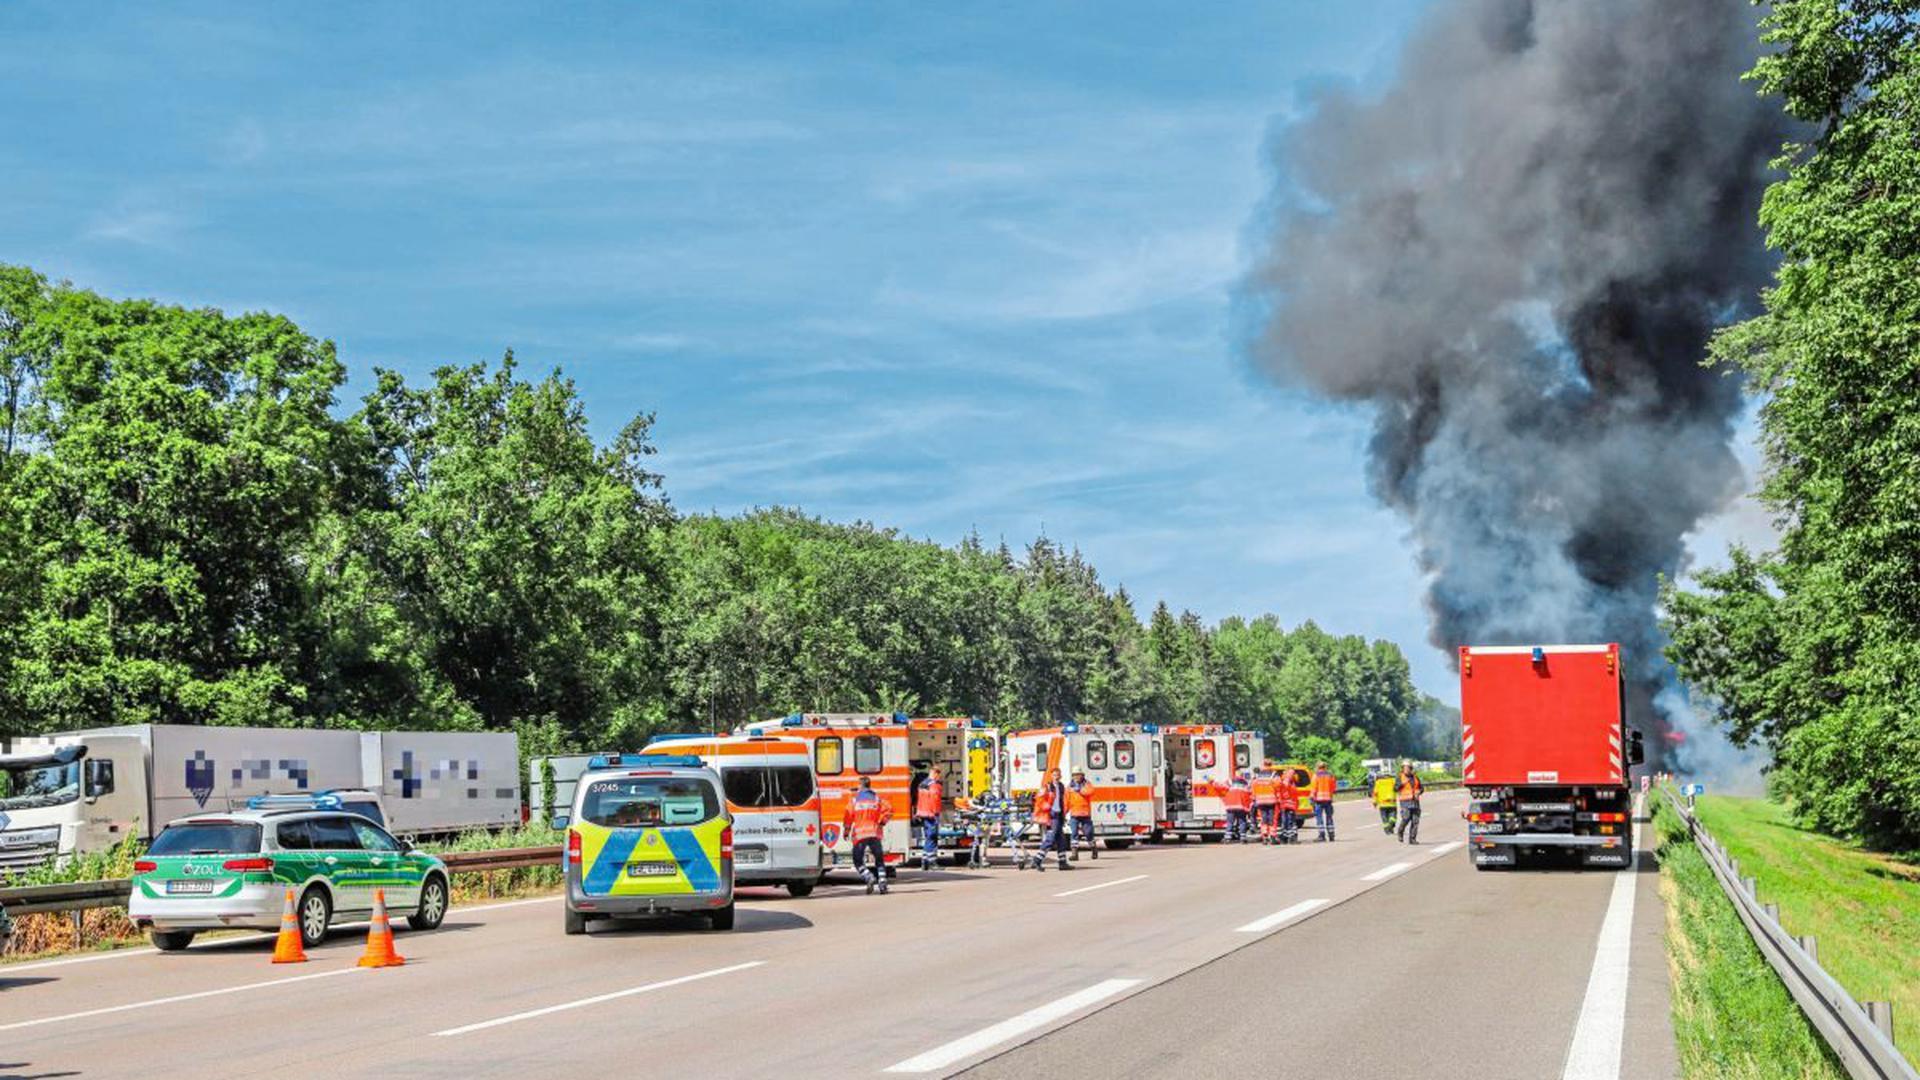 Während des Staus auf der A5 am Montag bei Karlsruhe sind zahlreiche Rettungskräfte im Einsatz. Sie versorgen auch die ausharrenden Autofahrer mit Getränken.